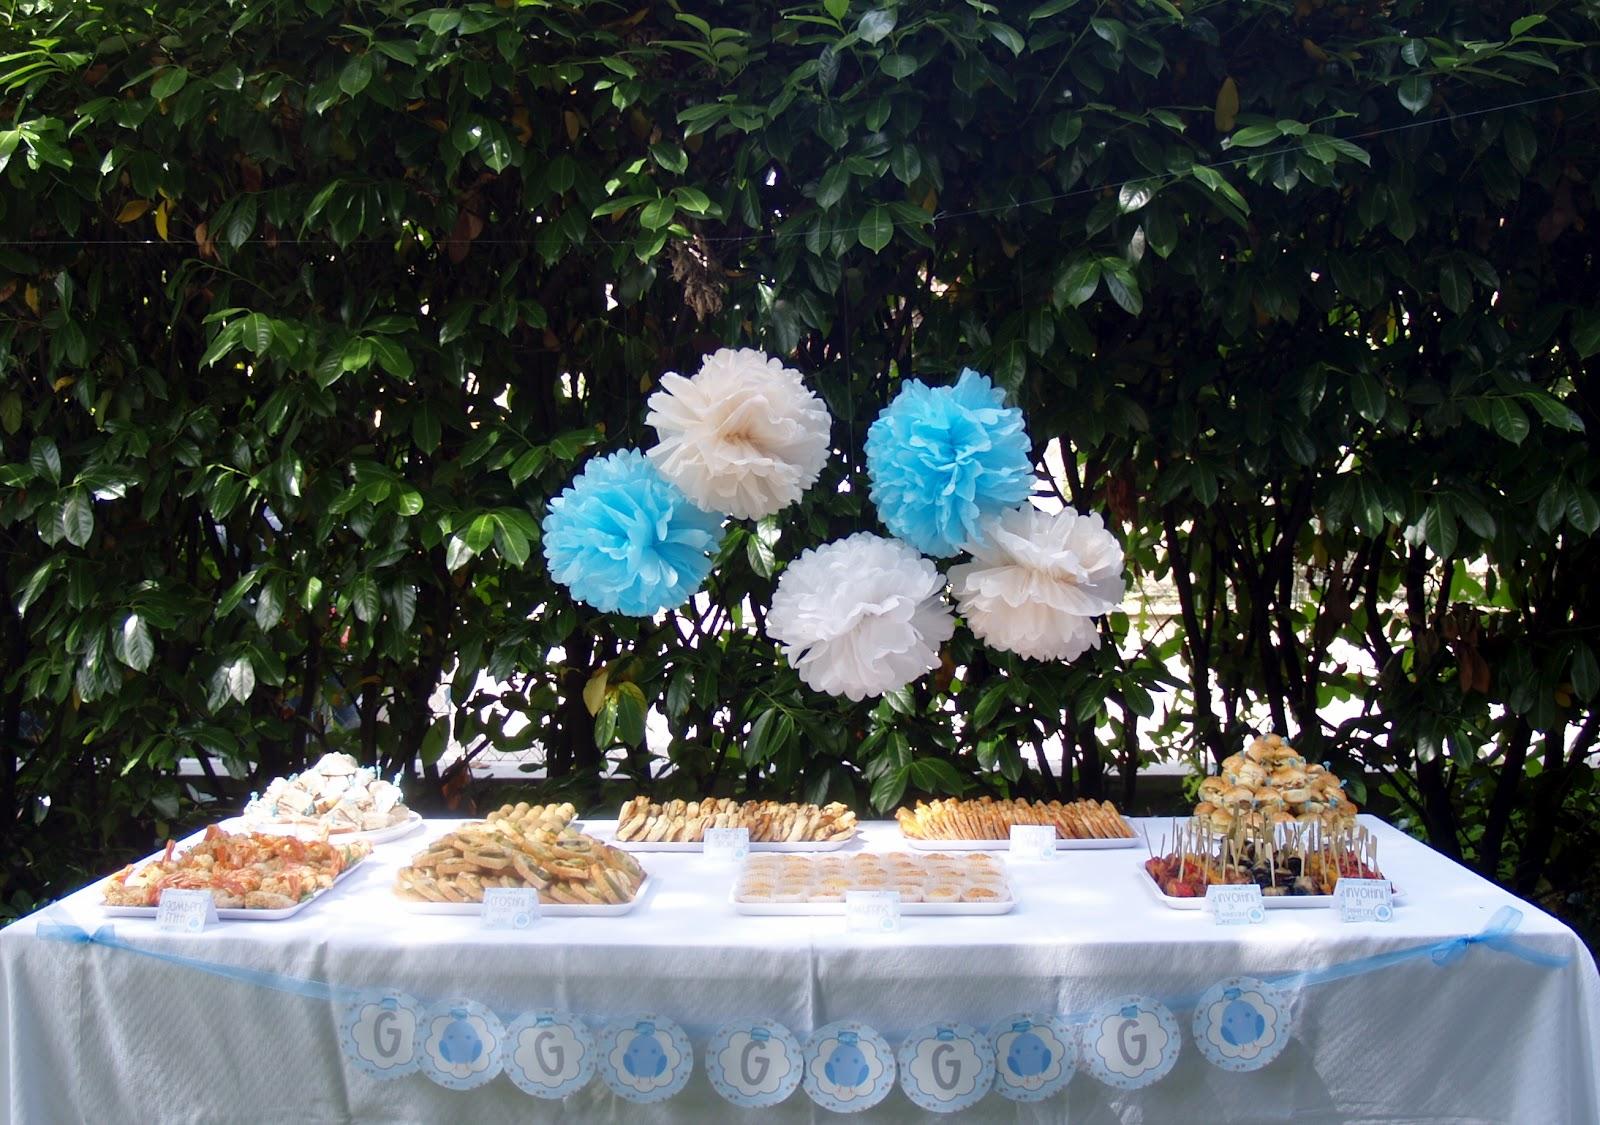 ... mi rilasso: Un Battesimo in giardino: Torta e buffet dolce e salato